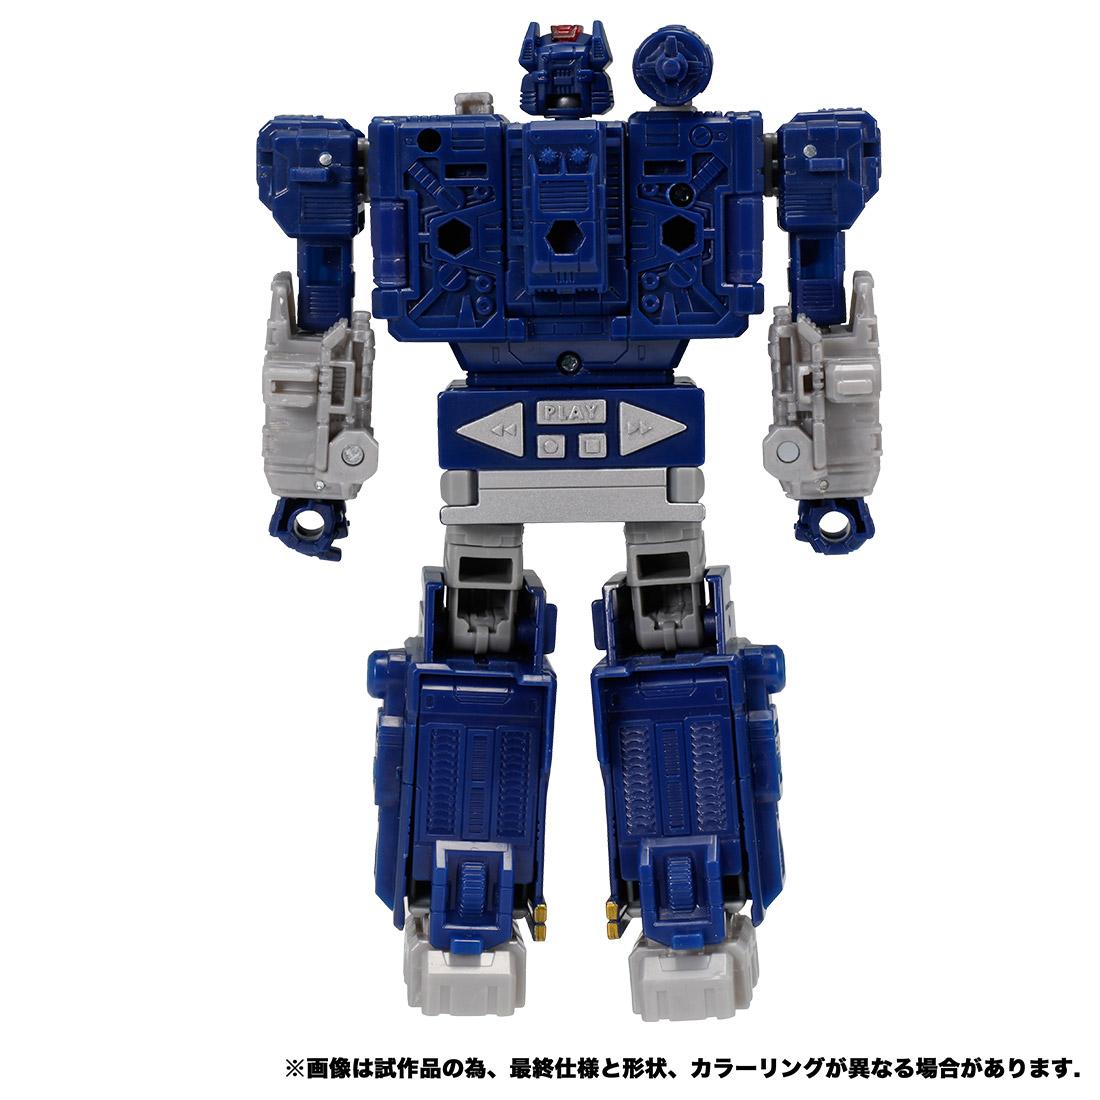 トランスフォーマー ウォーフォーサイバトロン『WFC-14 サウンドウェーブ』可変可動フィギュア-009